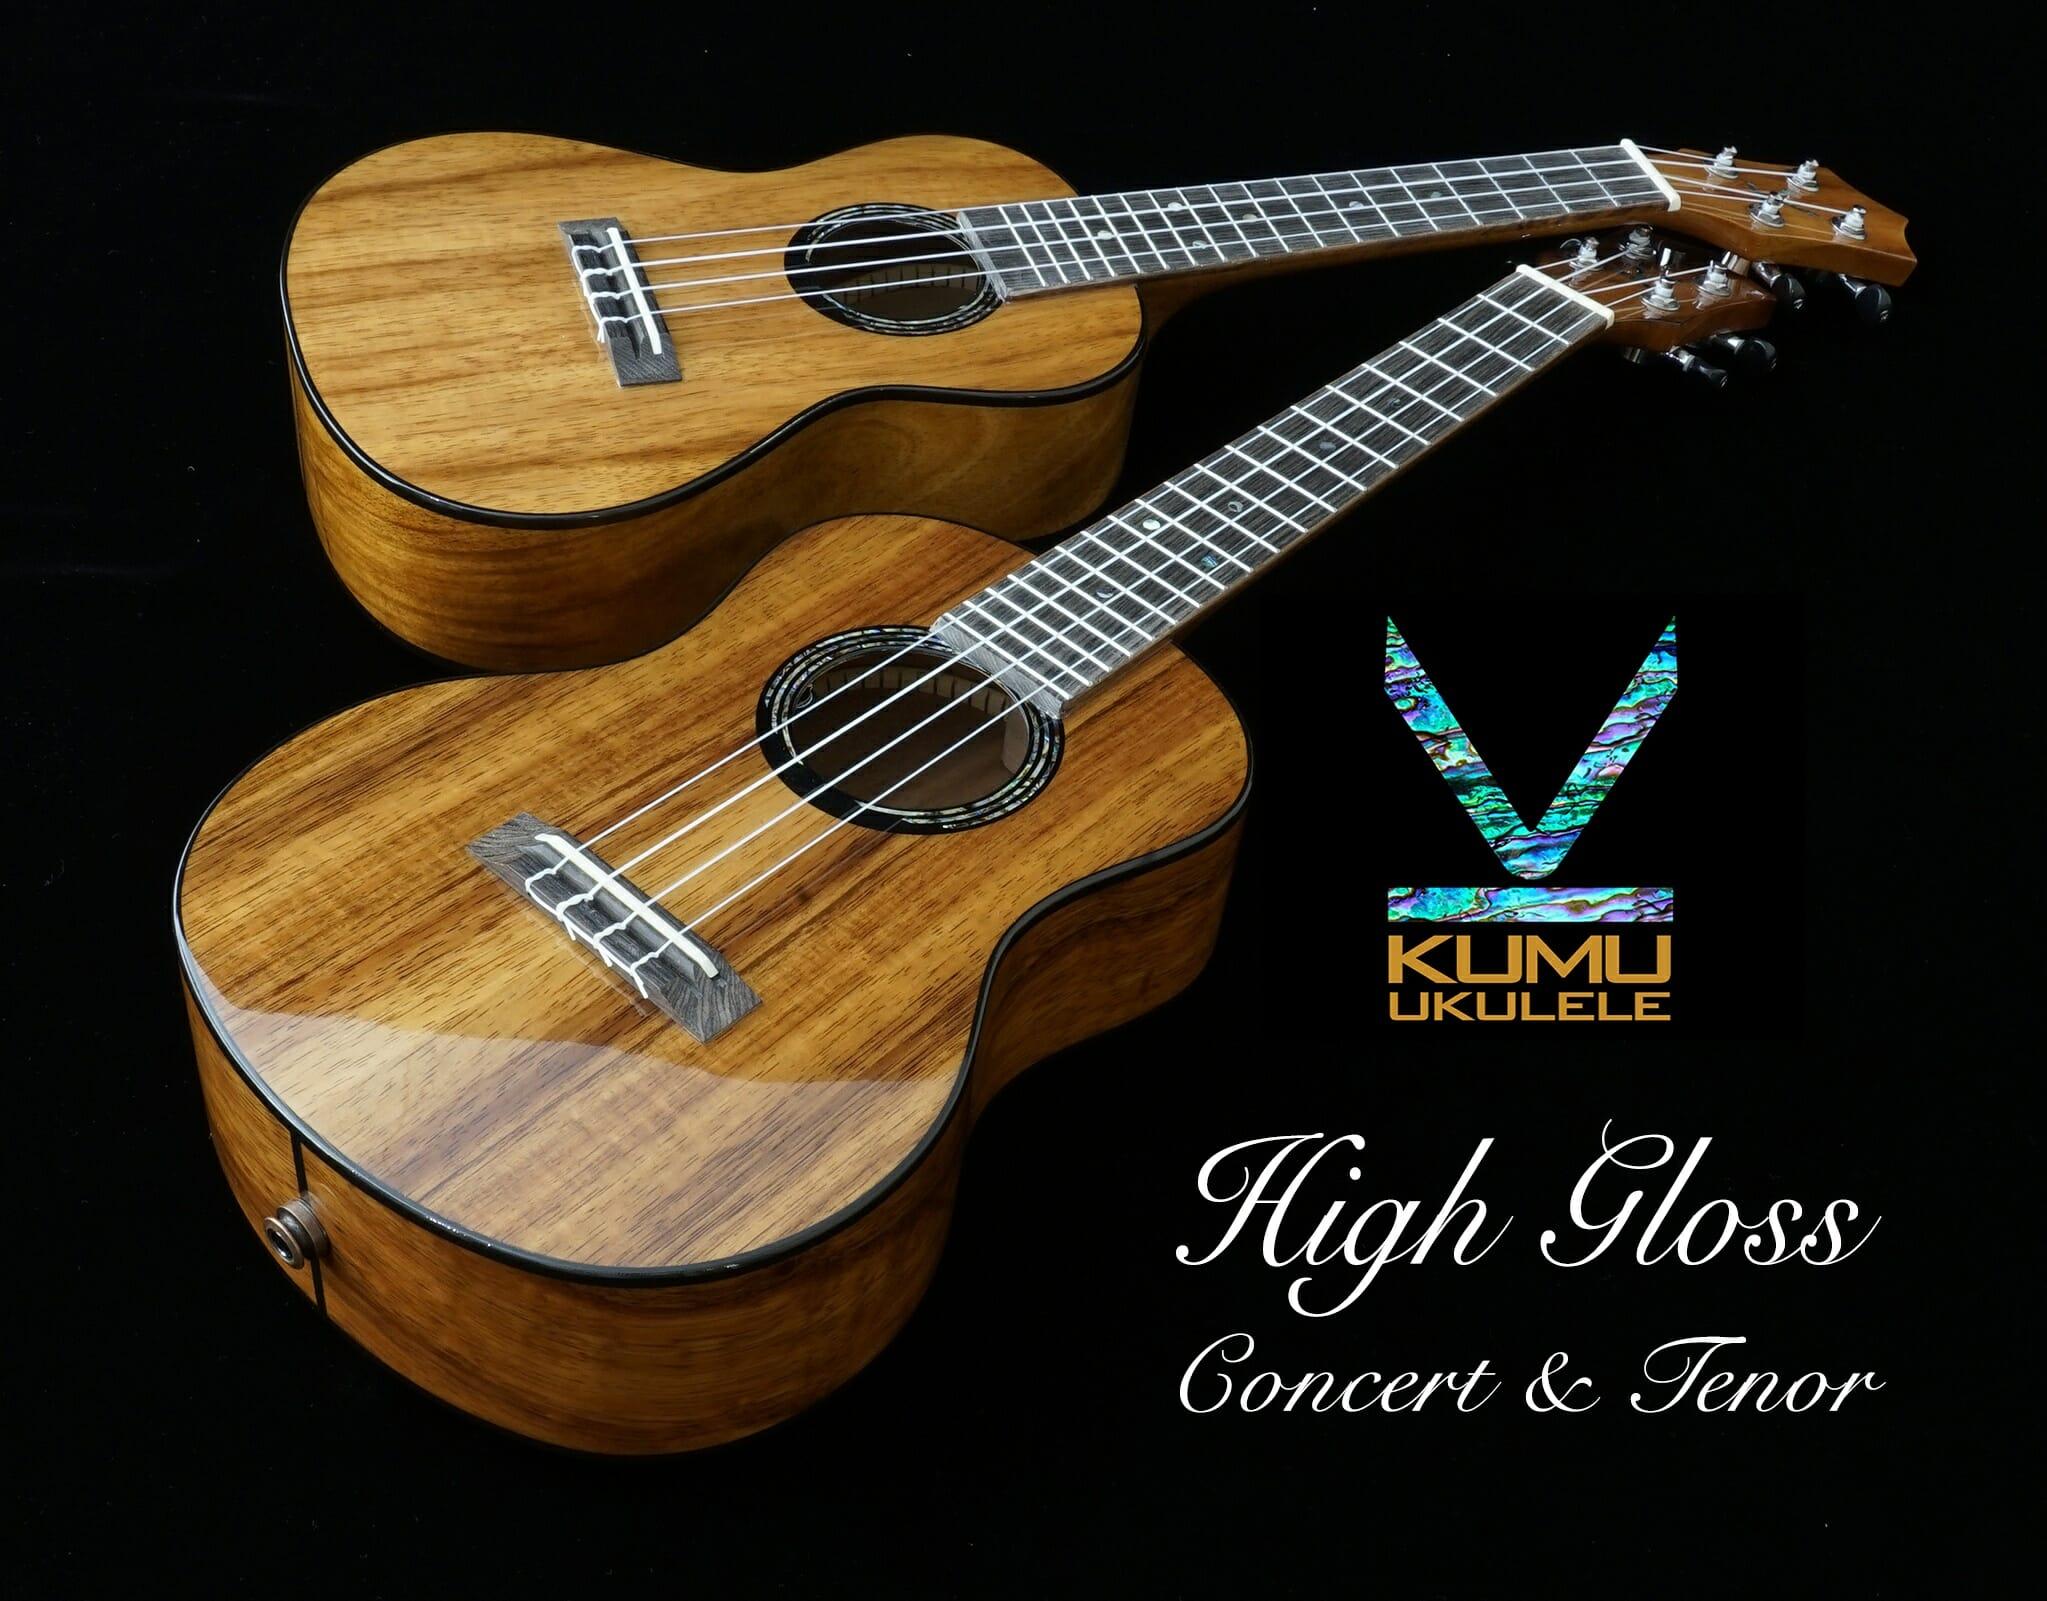 KUMU Ukuleleハイグロス仕様モデルが限定発売!